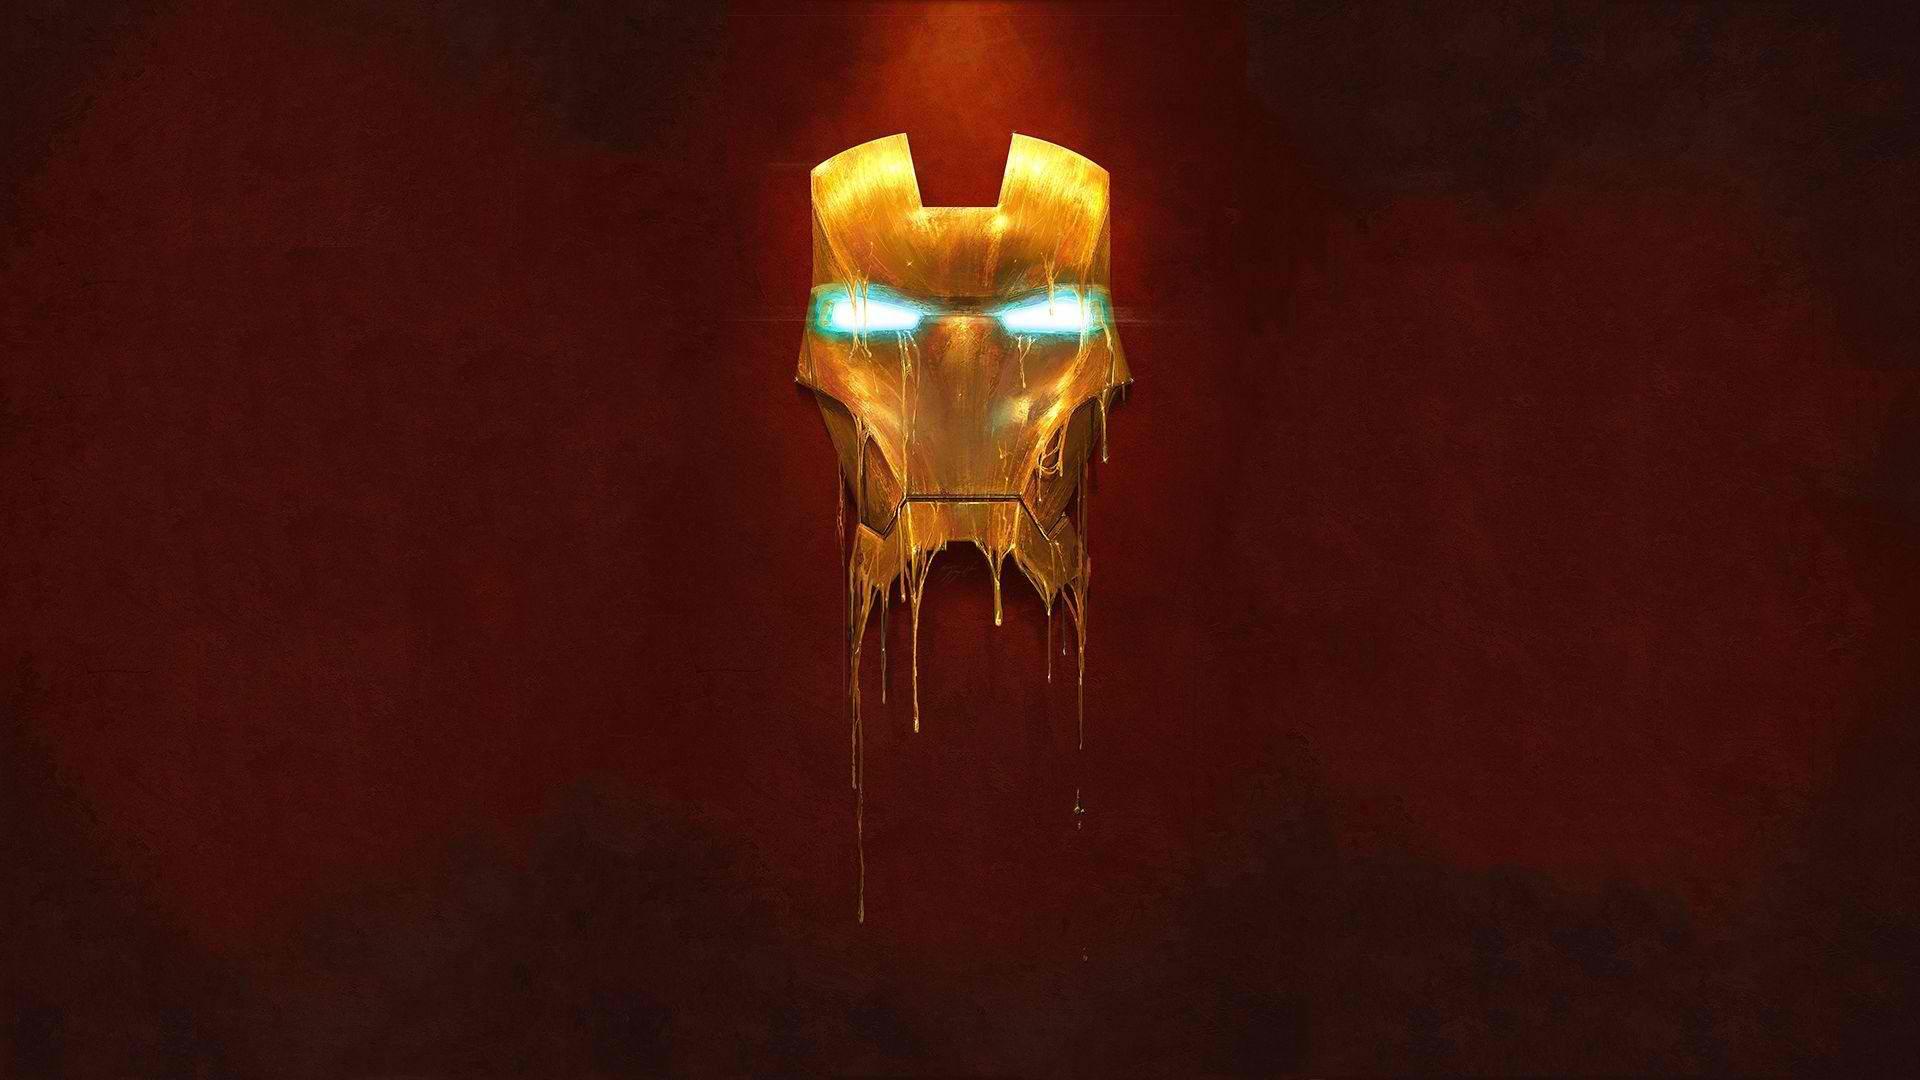 Melting Iron Man Mask